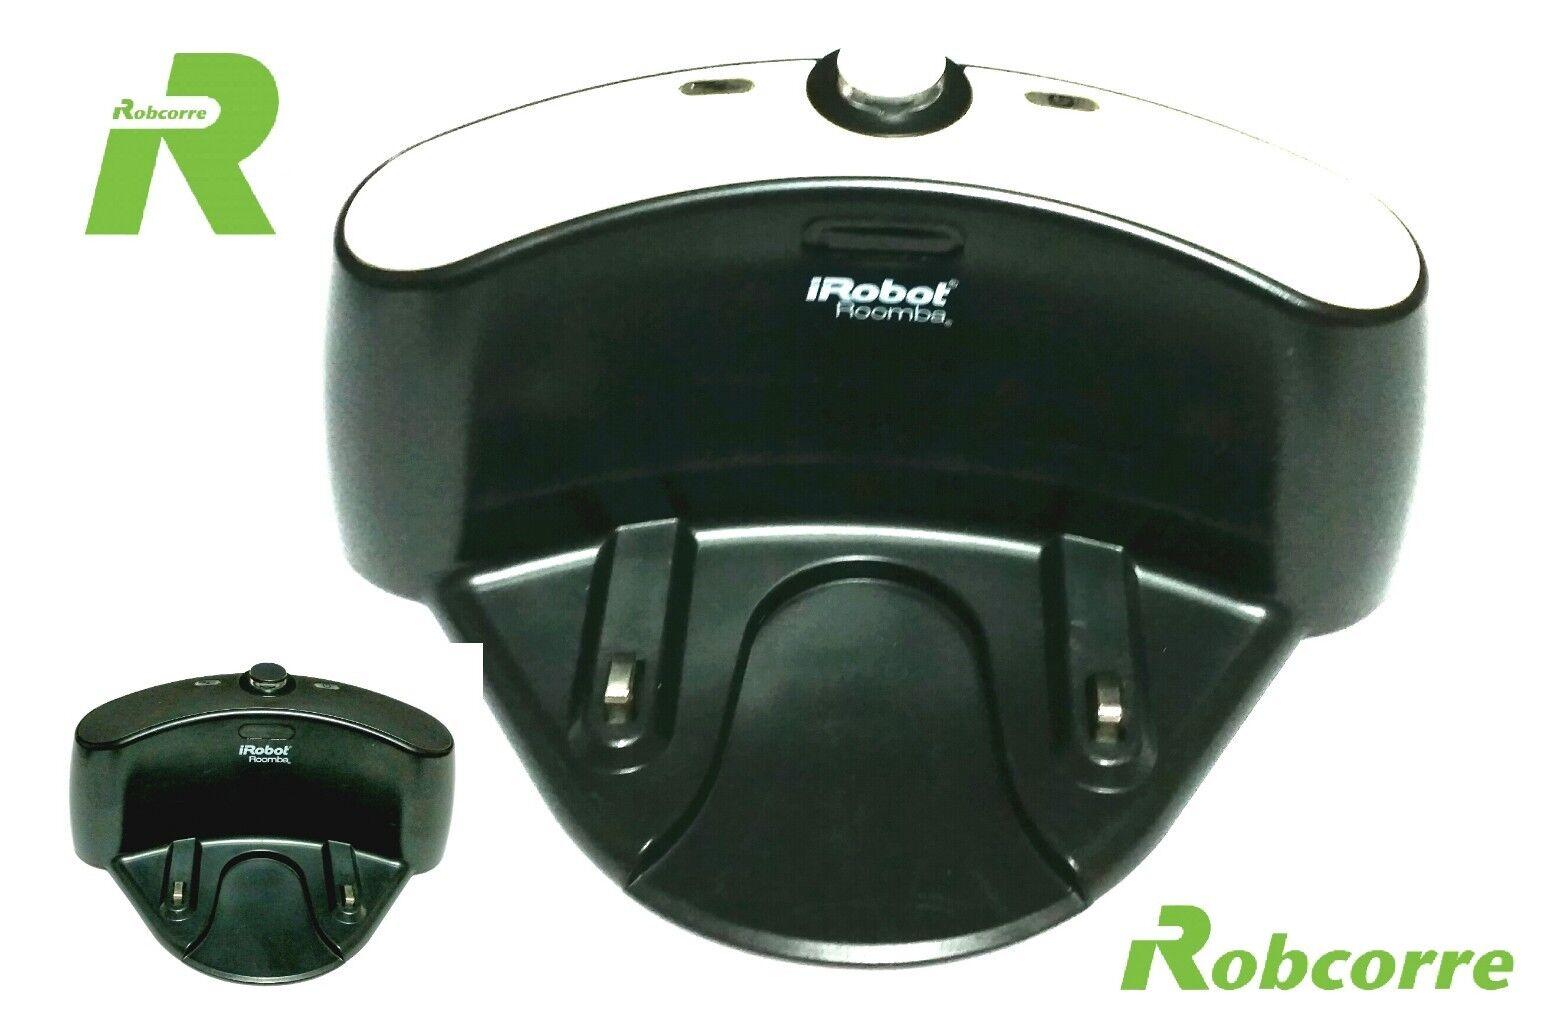 incluso cavo di alimentazione LongRong 1 base di ricarica per iRobot Roomba 500 600 700 800 900 serie Aspirapolvere robot